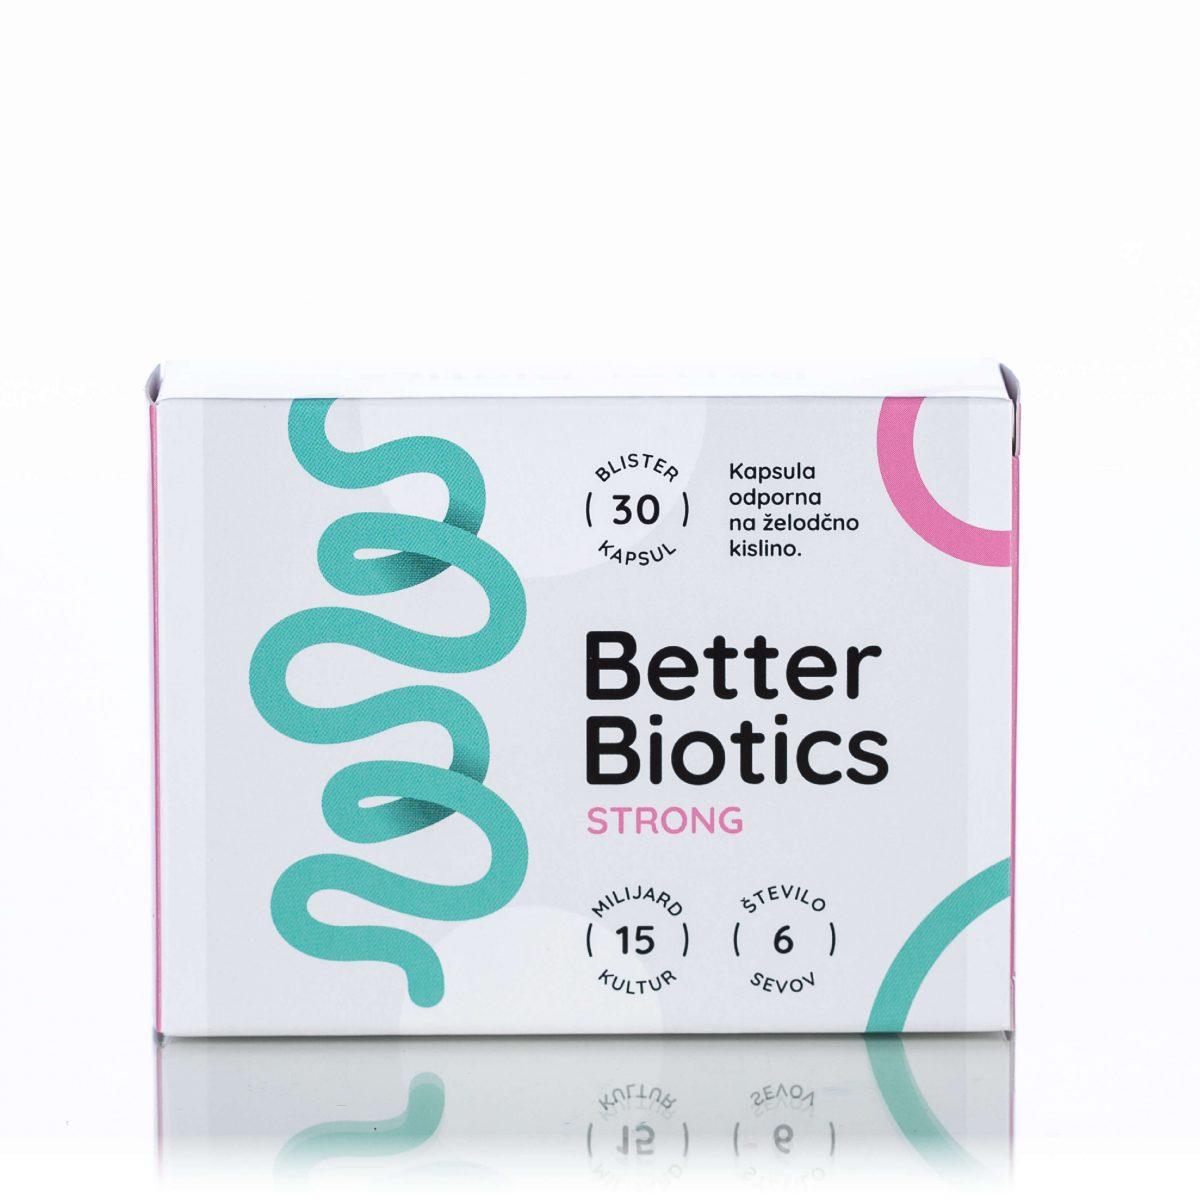 Better Biotics Strong